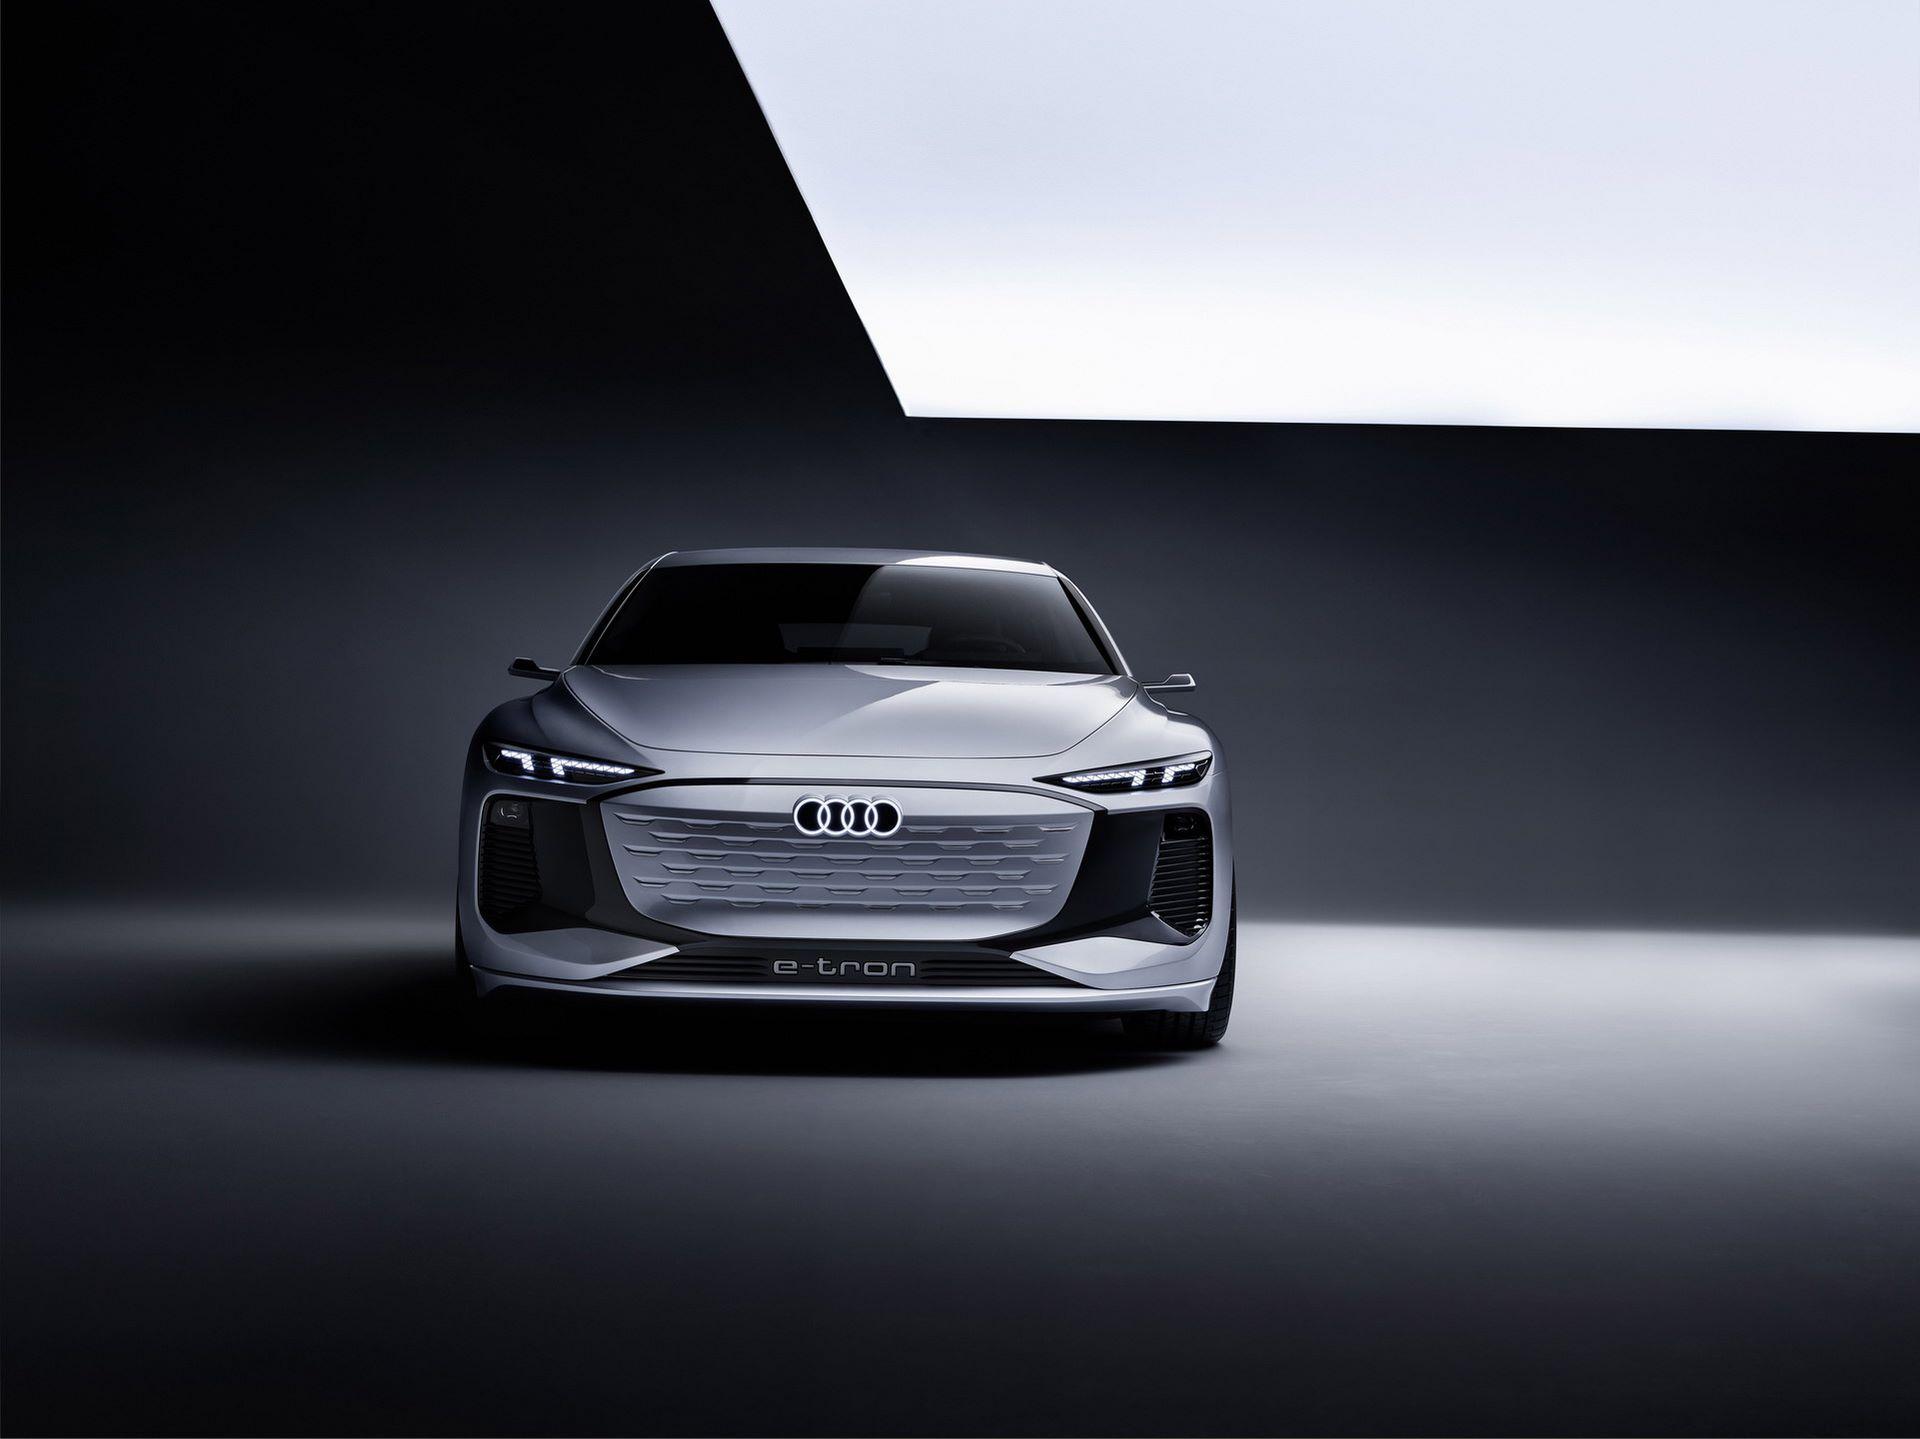 Audi-A6-e-tron-concept-40